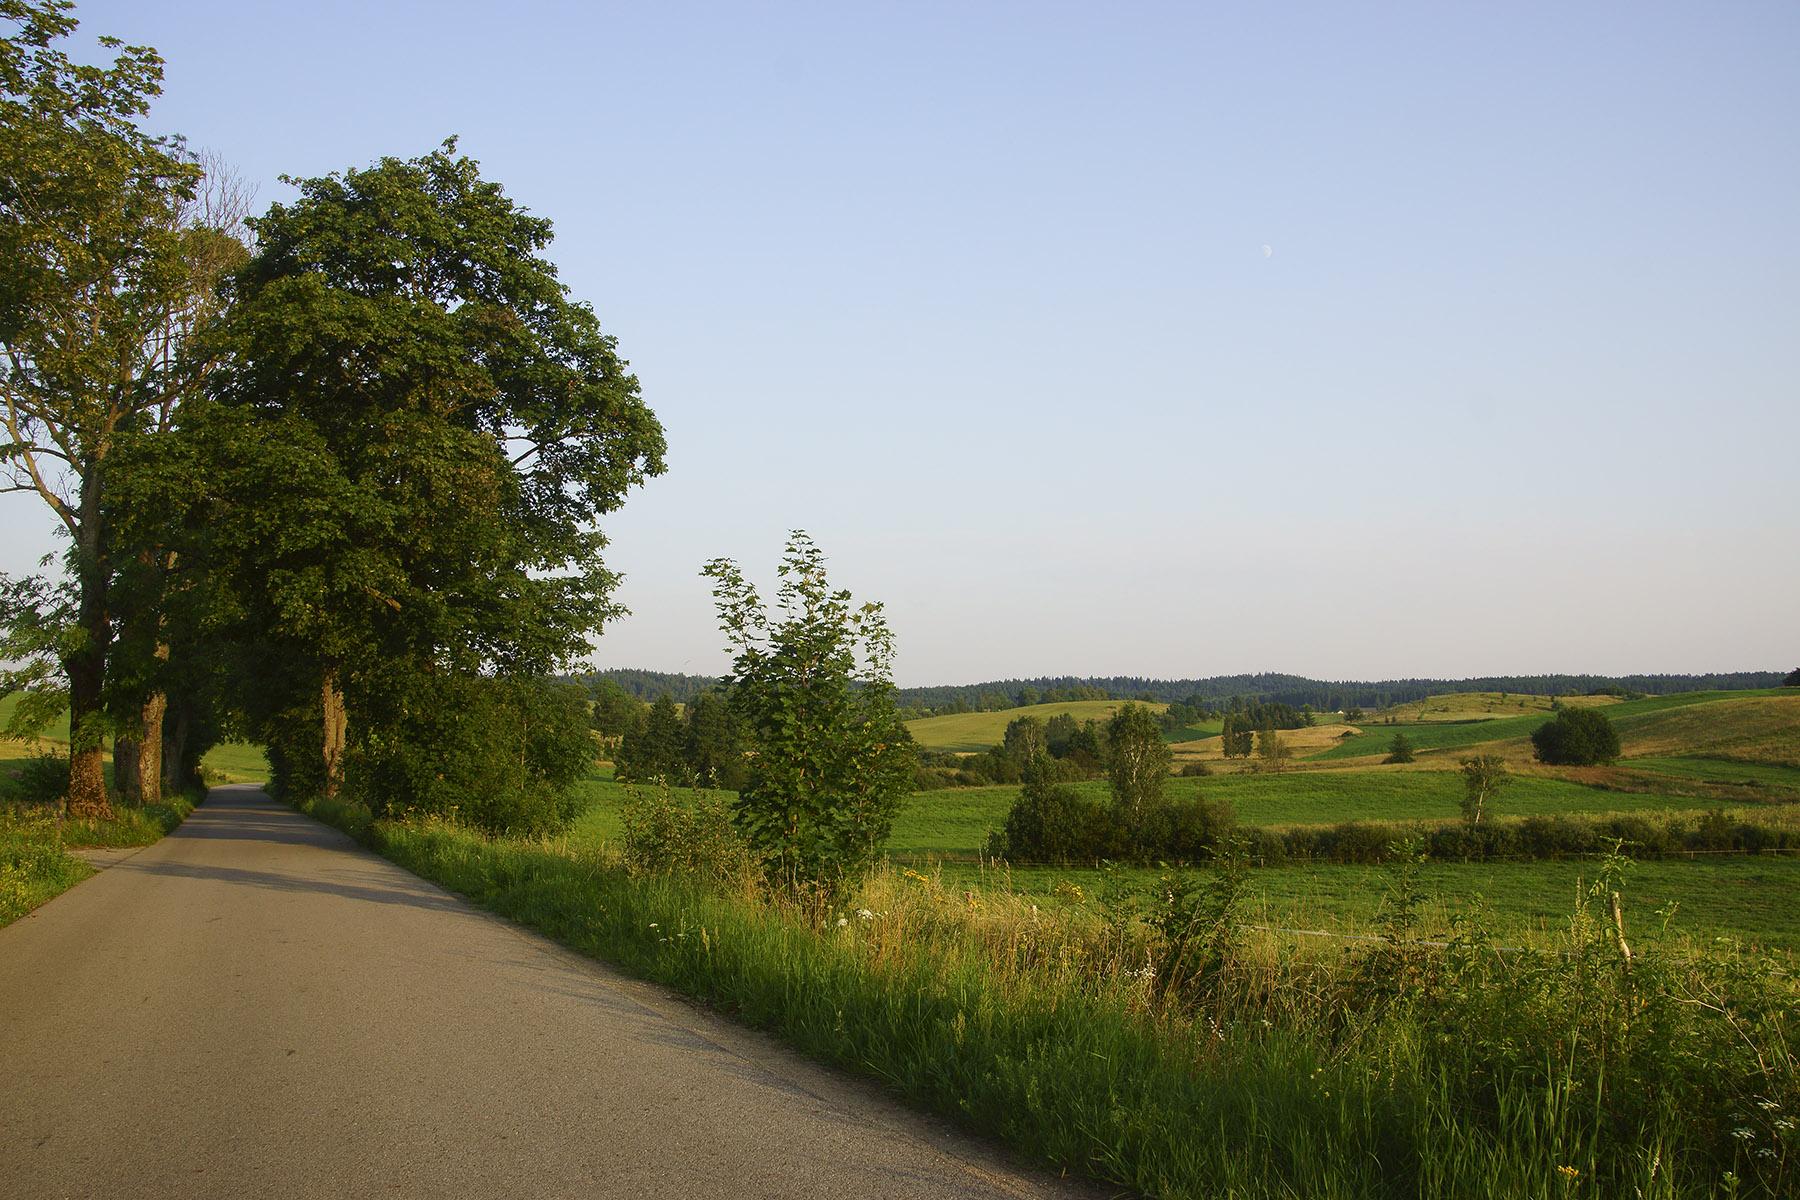 Widok z szosy za Piłakami Małymi w kierunku pasma Wzgórz Piłackich